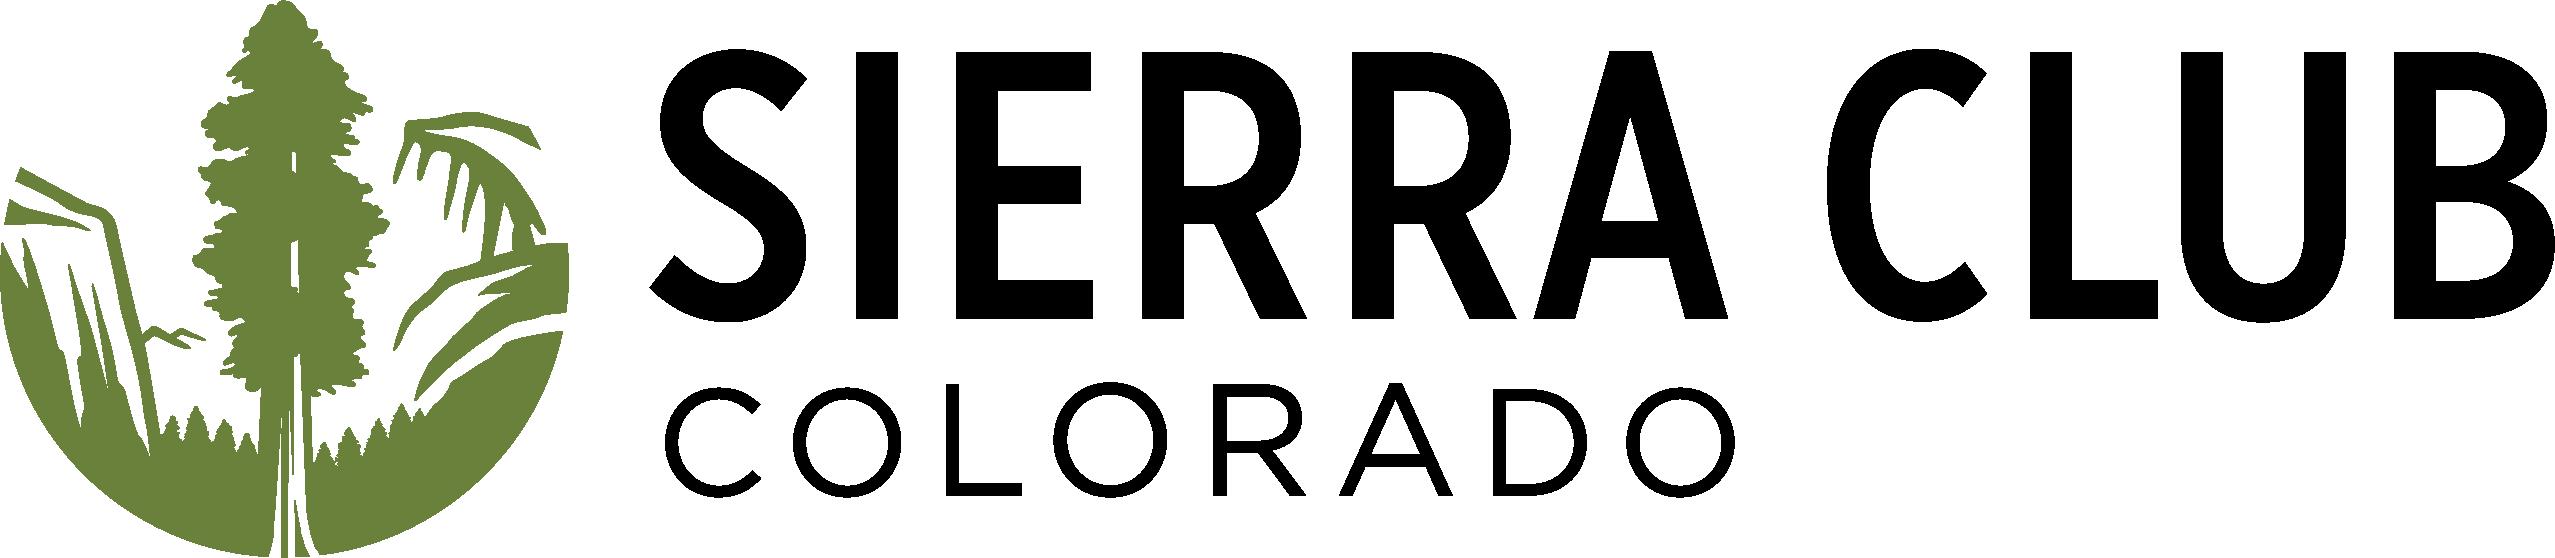 colorado Chapter logo